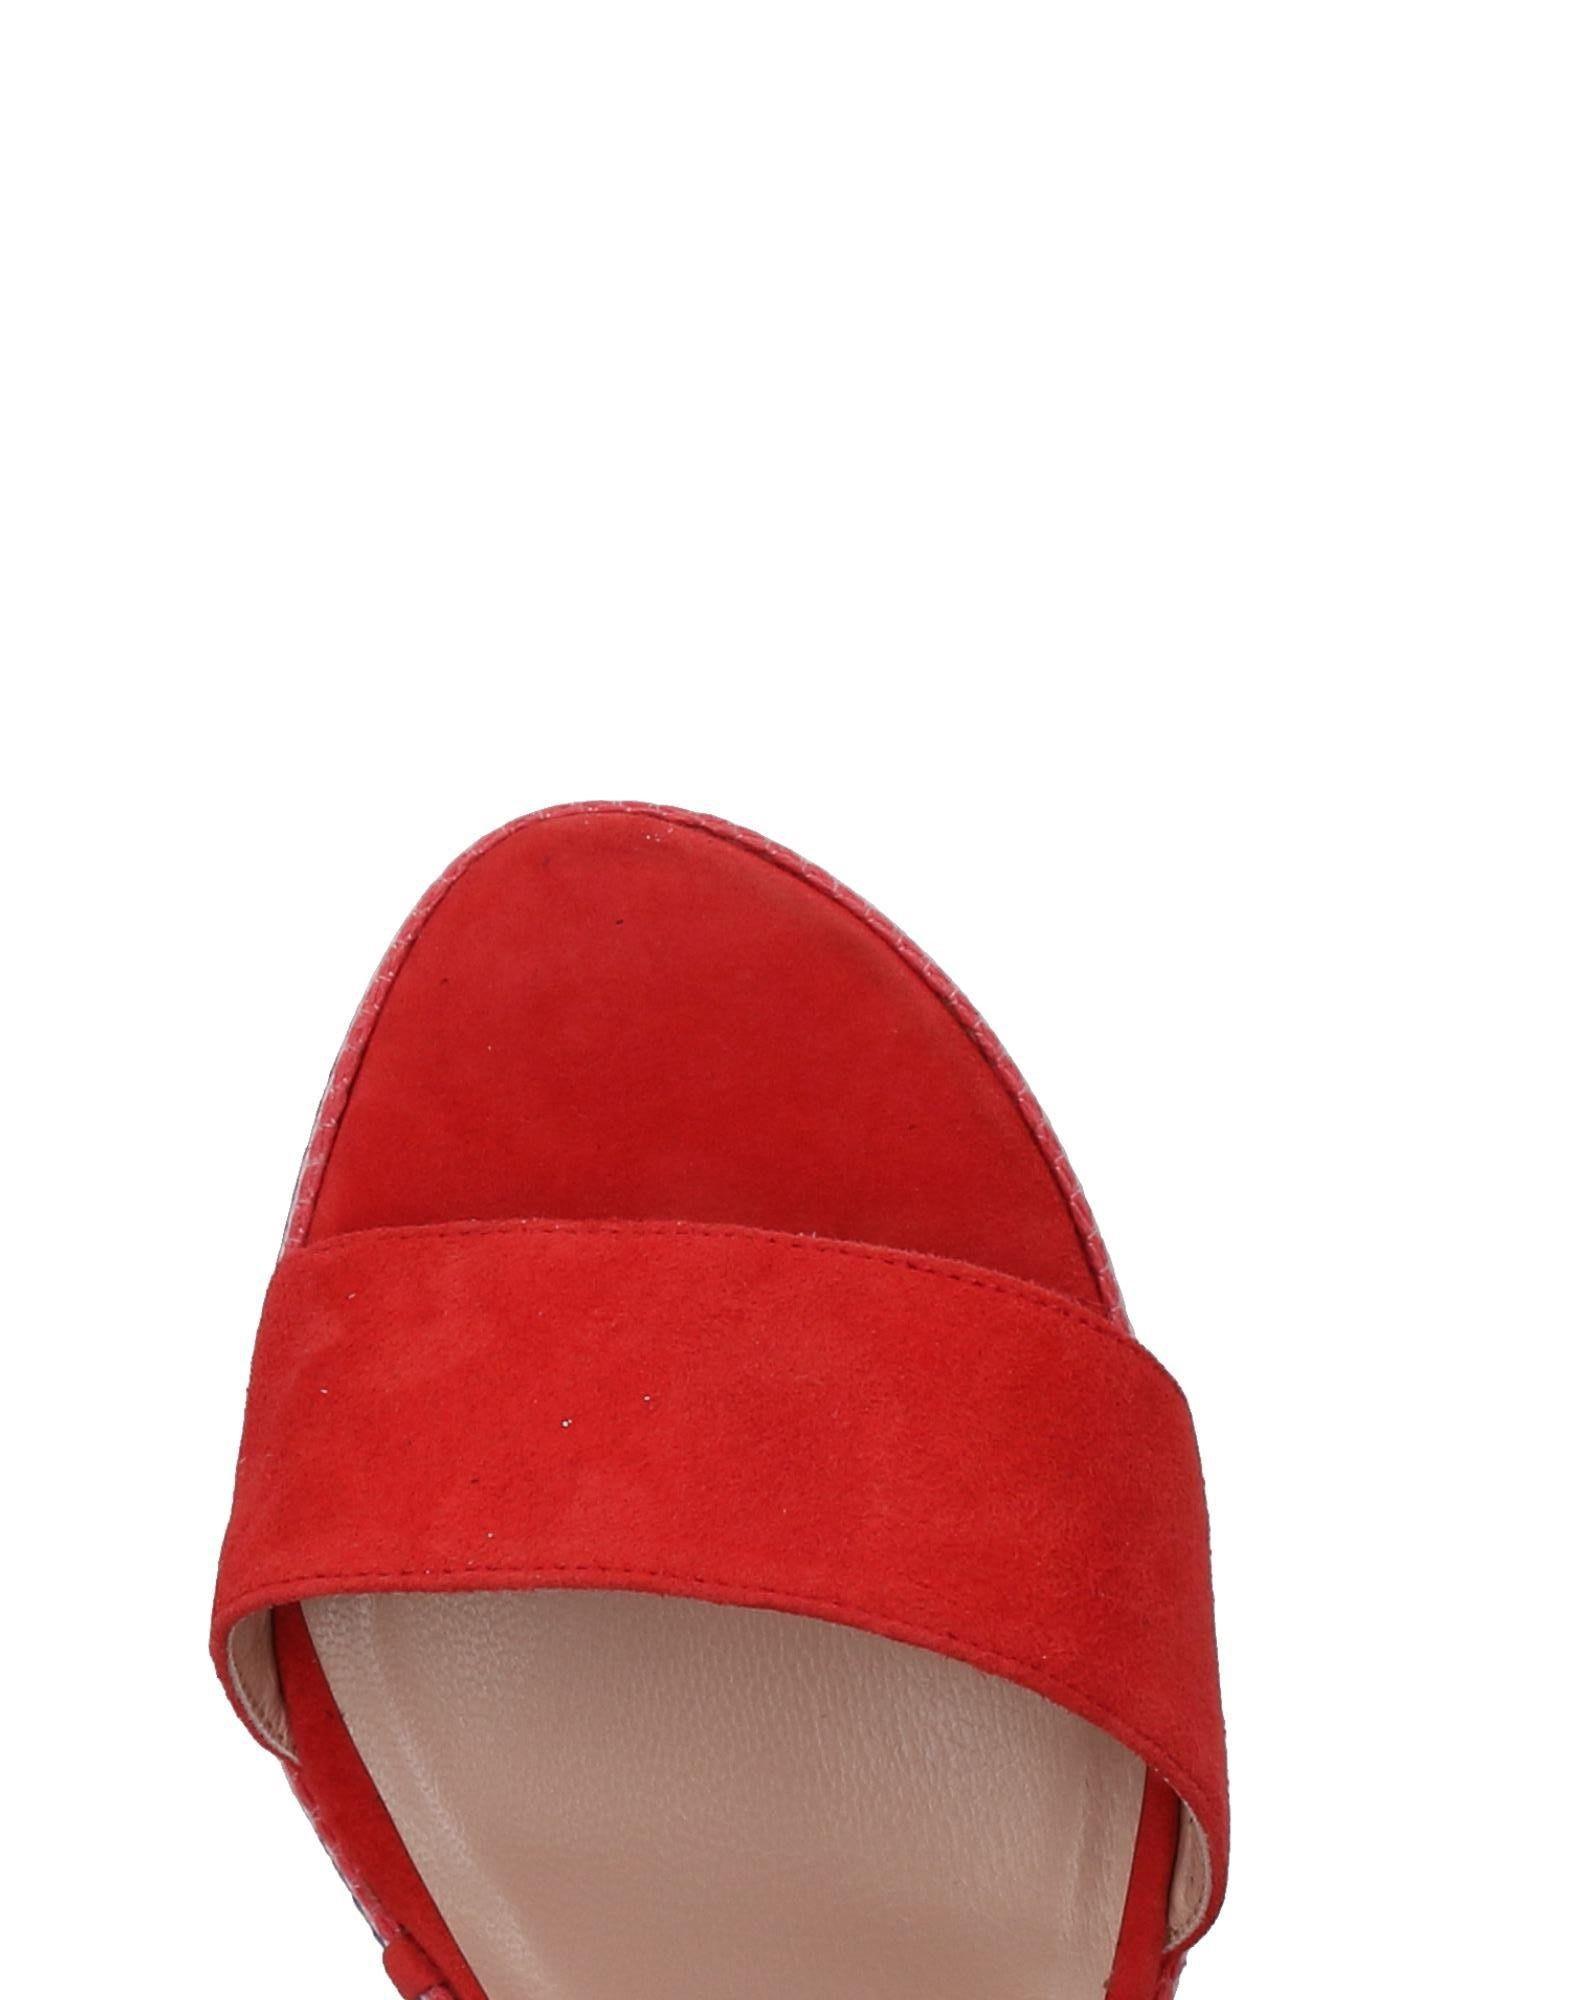 Rabatt Damen Schuhe Stuart Weitzman Espadrilles Damen Rabatt  11155501UF 0c175b